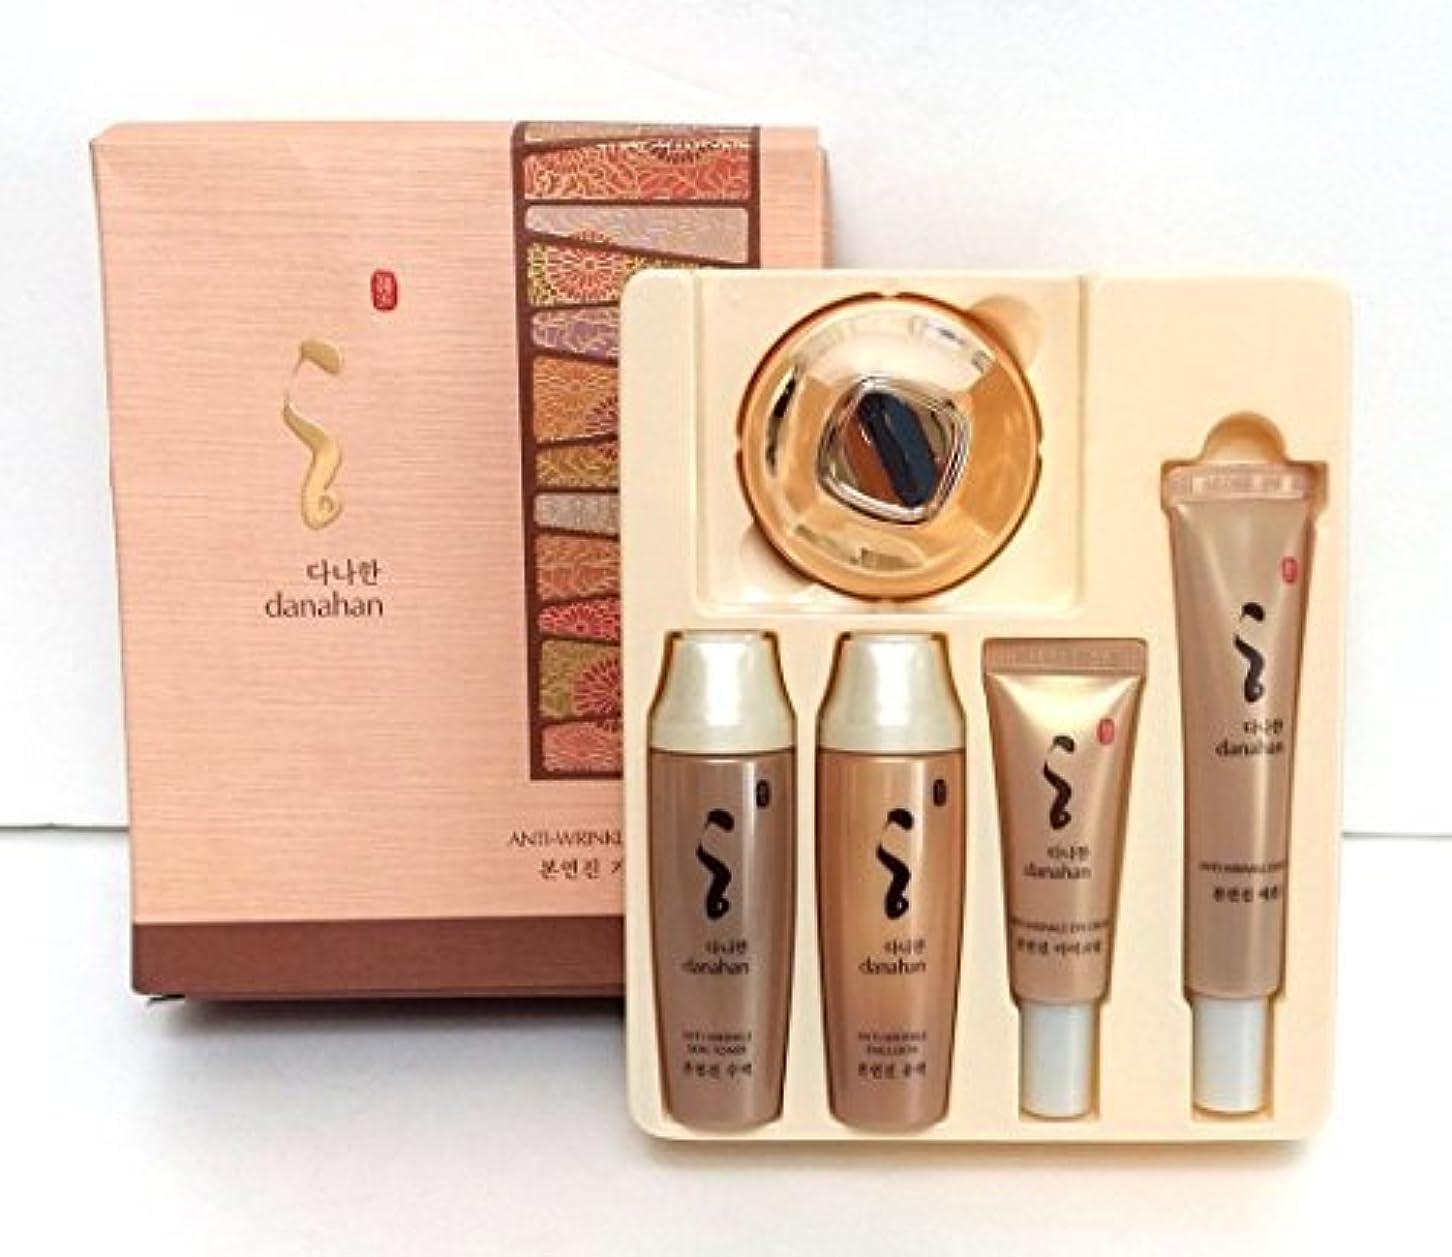 キャスト乱れ誘惑する[DANAHAN] スキンケアギフトの5pcsセット / 水分/韓国化粧品/Bon yeon jin Skin Care Gift 5pcs Set/Moisture/Korean Cosmetics [並行輸入品]